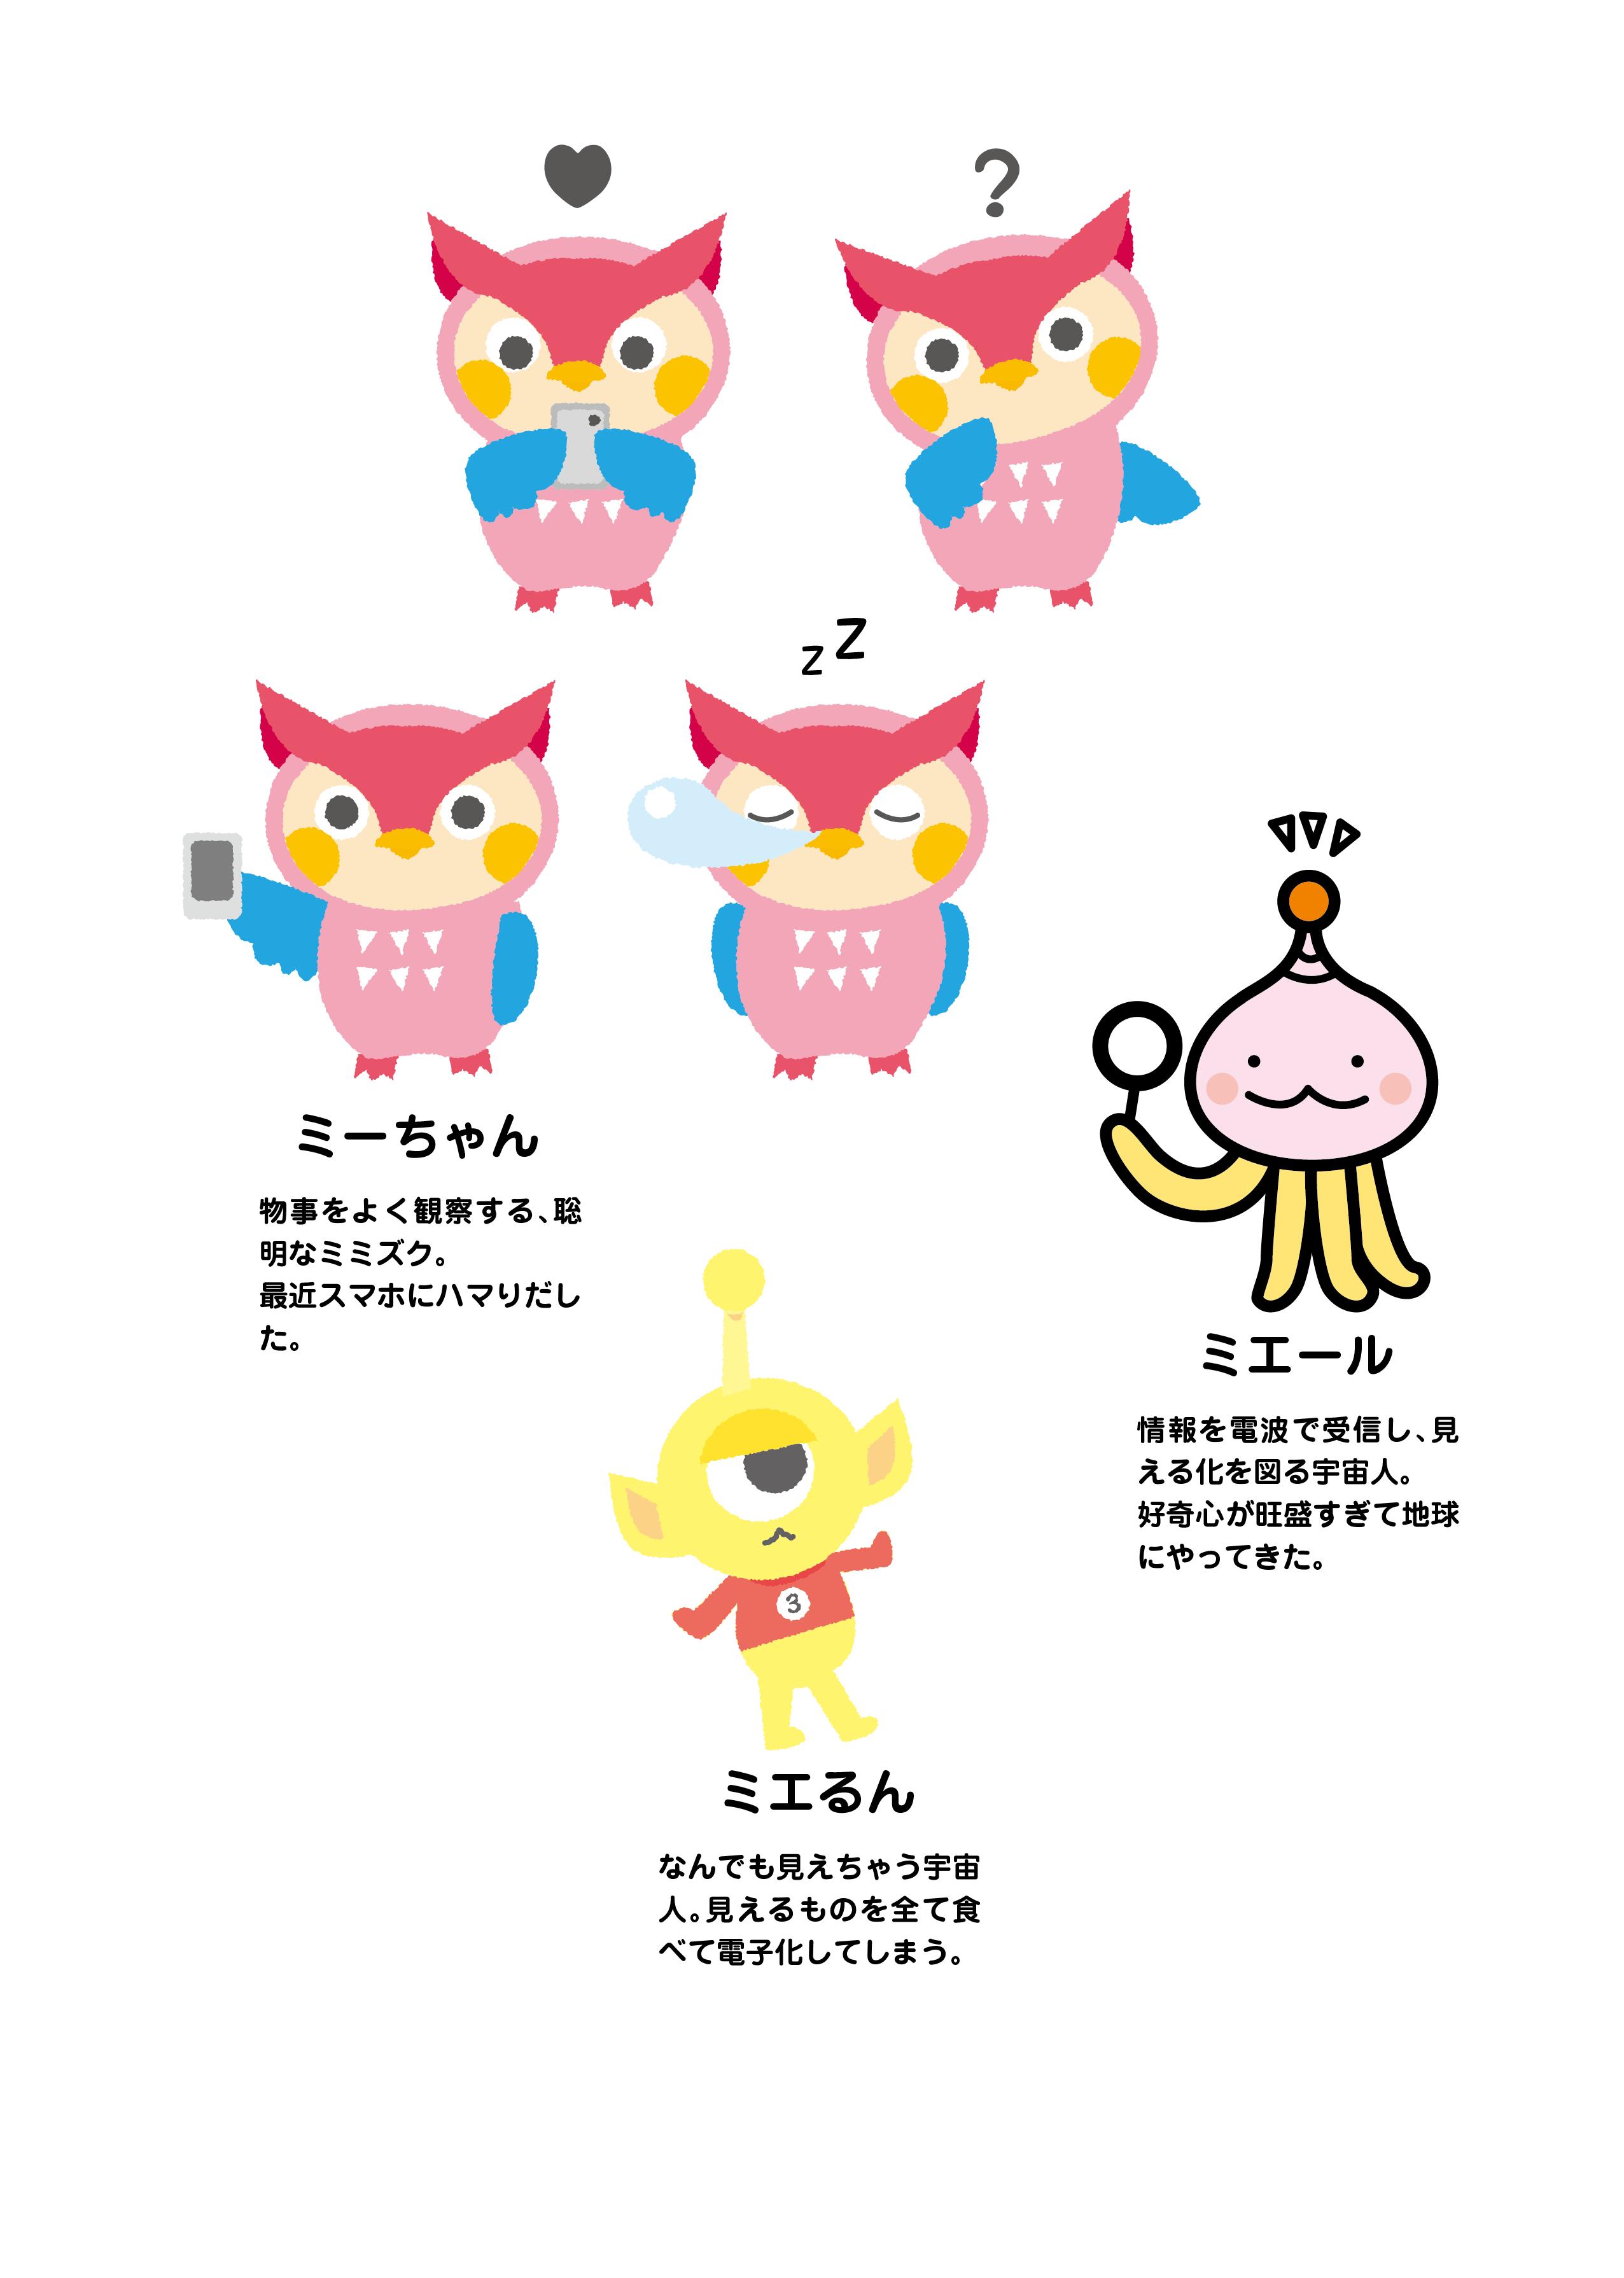 キャラクターデザイン(ボツ)